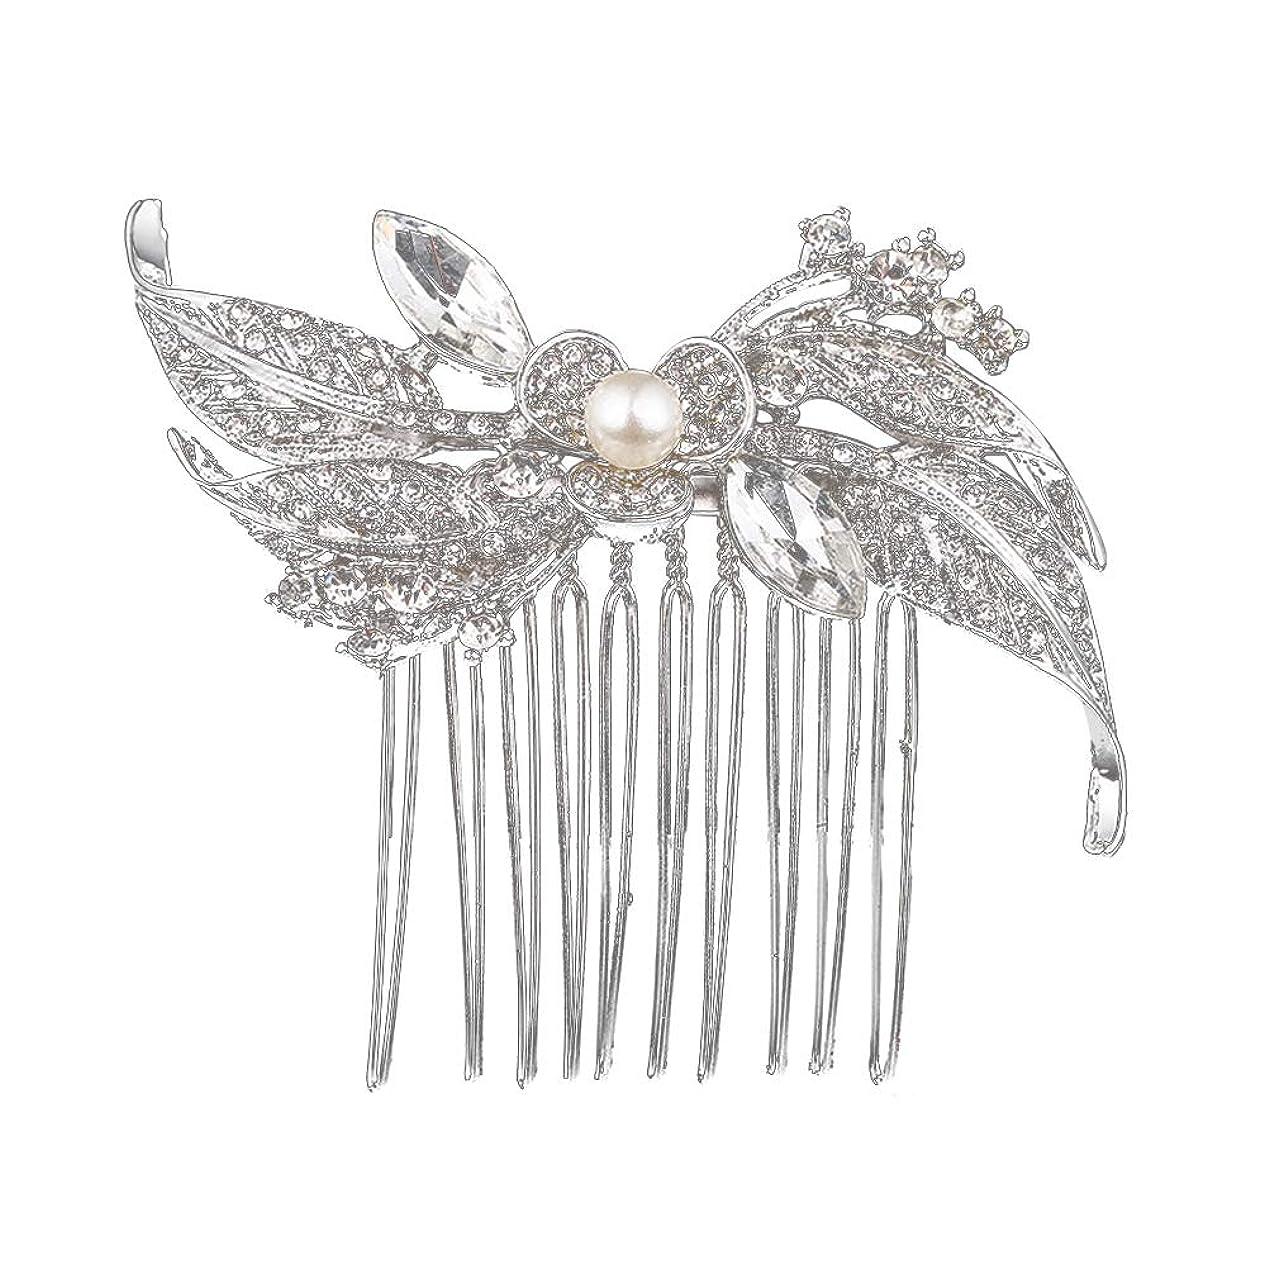 開発する天気エネルギーLURROSE 対称的な人工真珠ラインストーンの髪の櫛の結婚式のブライダルヘアクリップヘアアクセサリーウェディングドレス女性のためのアクセサリー(シルバー)